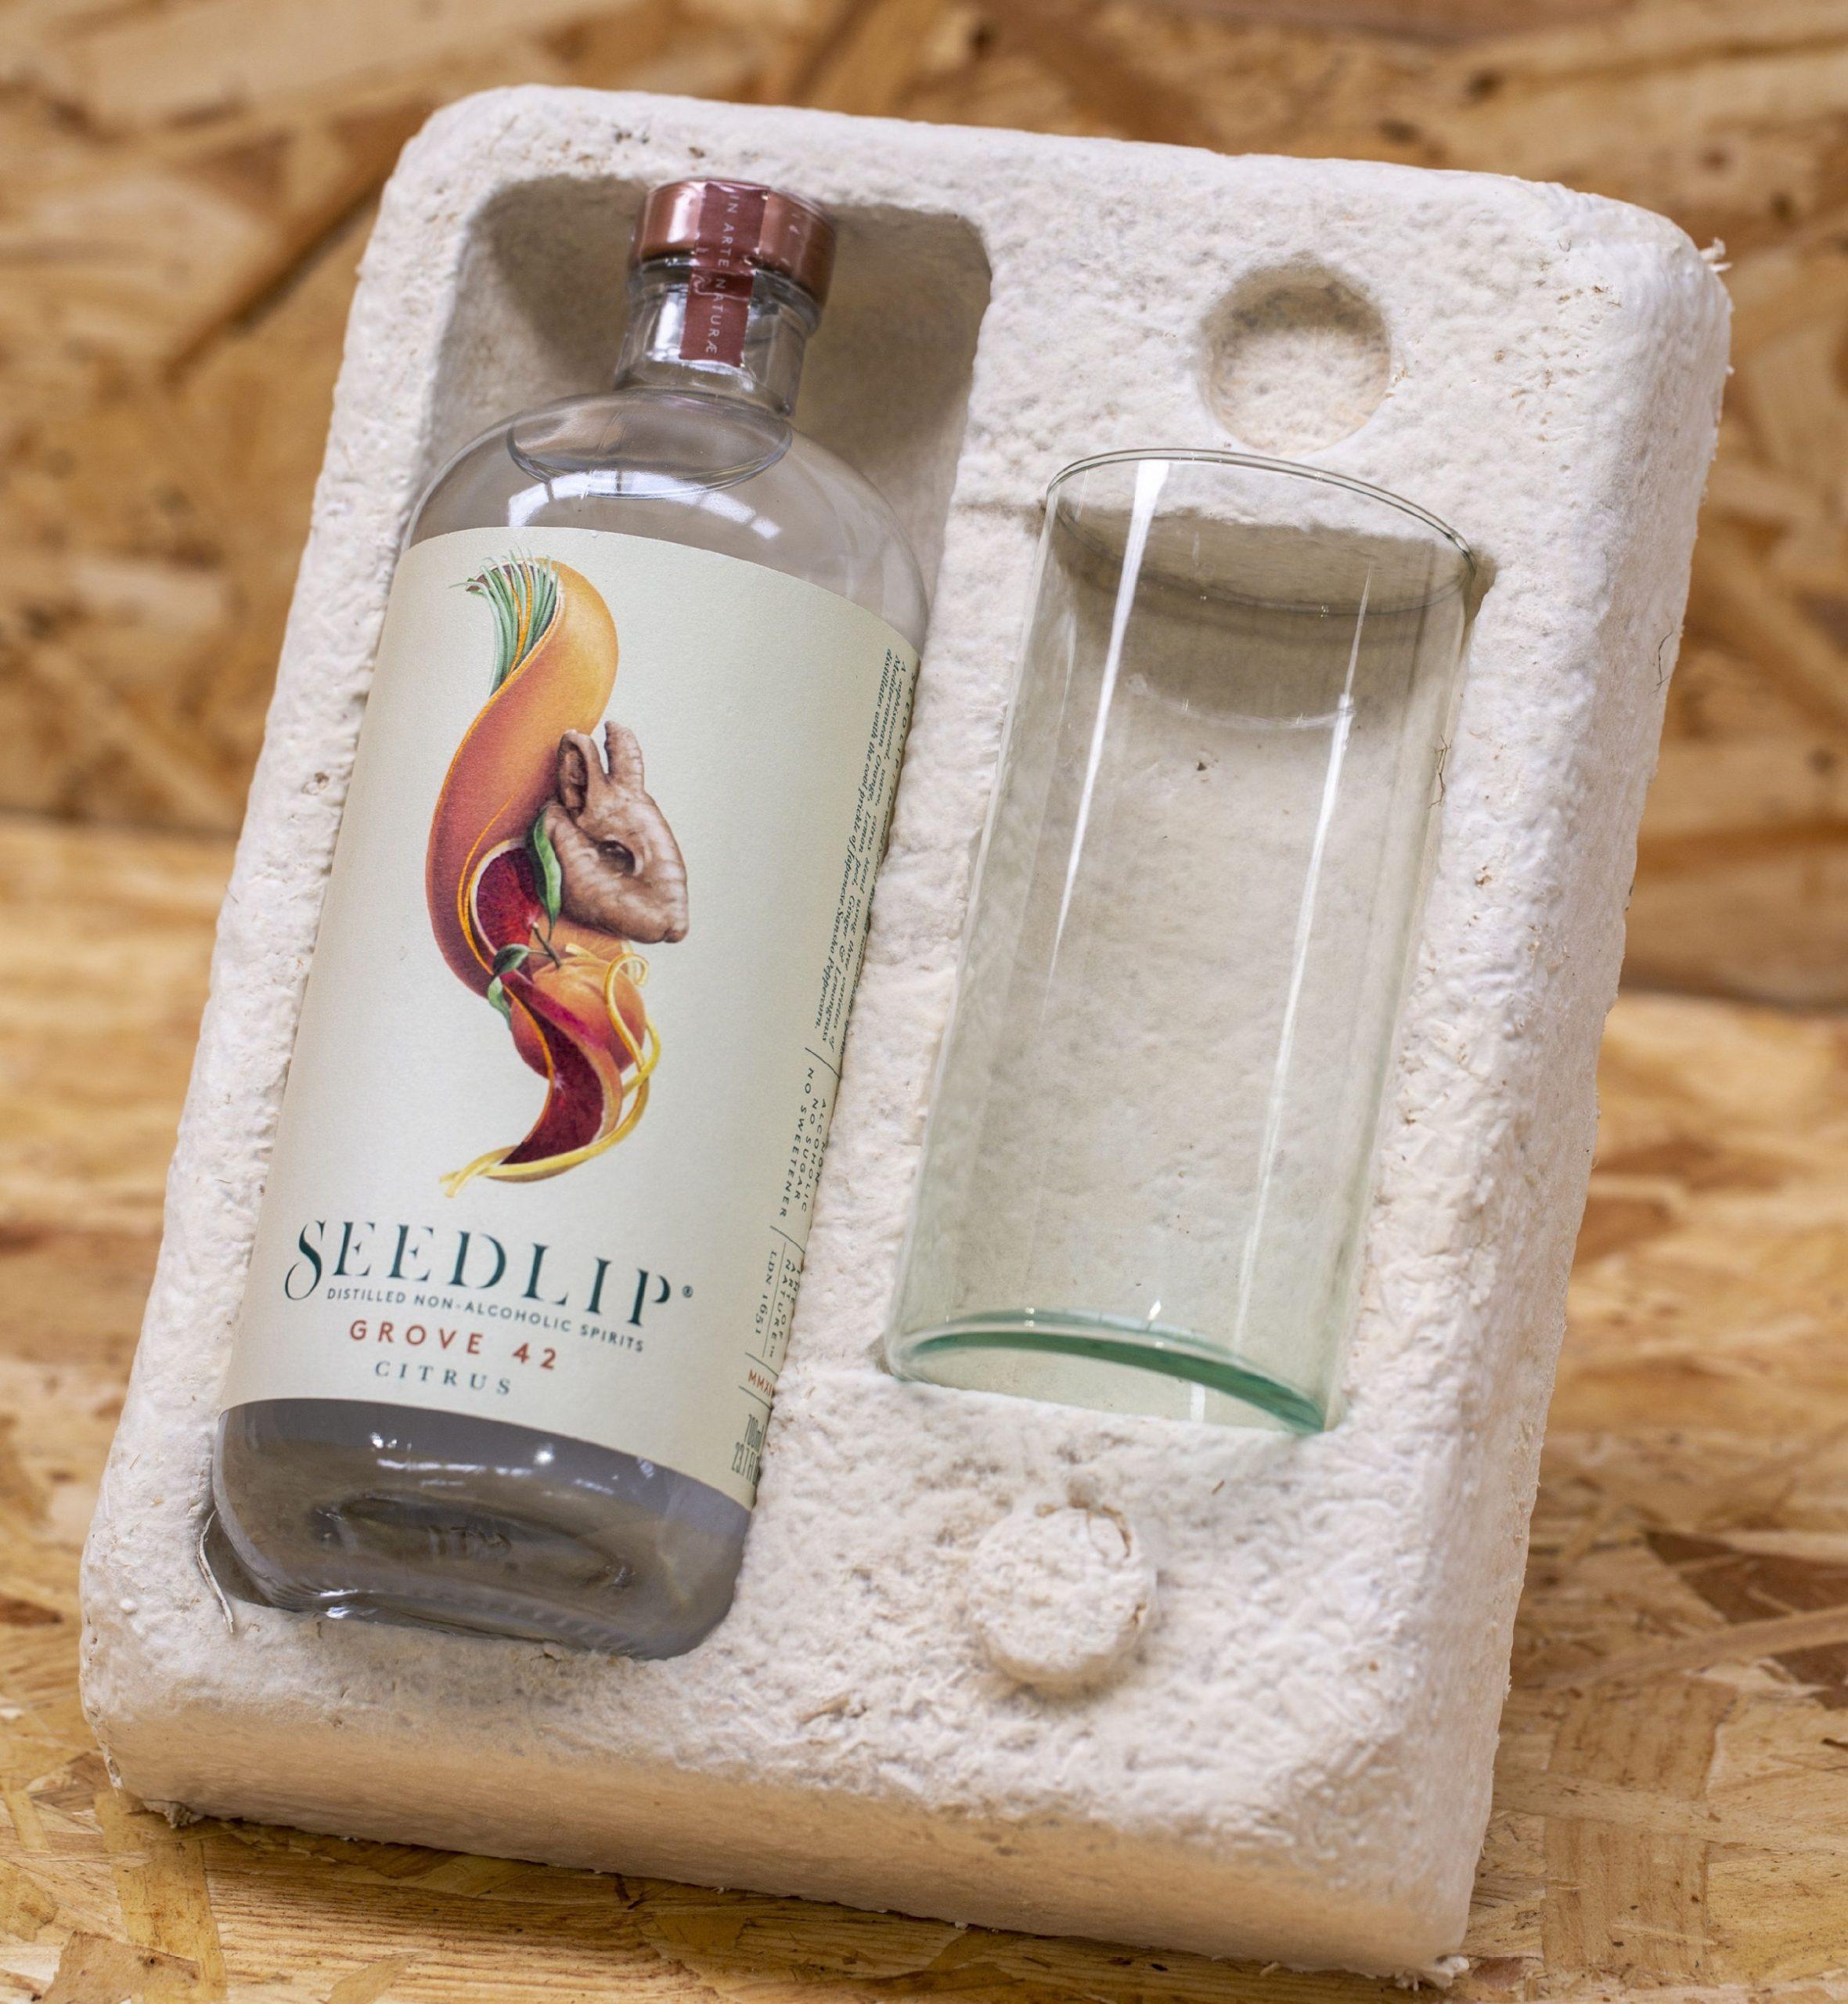 MMC Seedlip product packaging